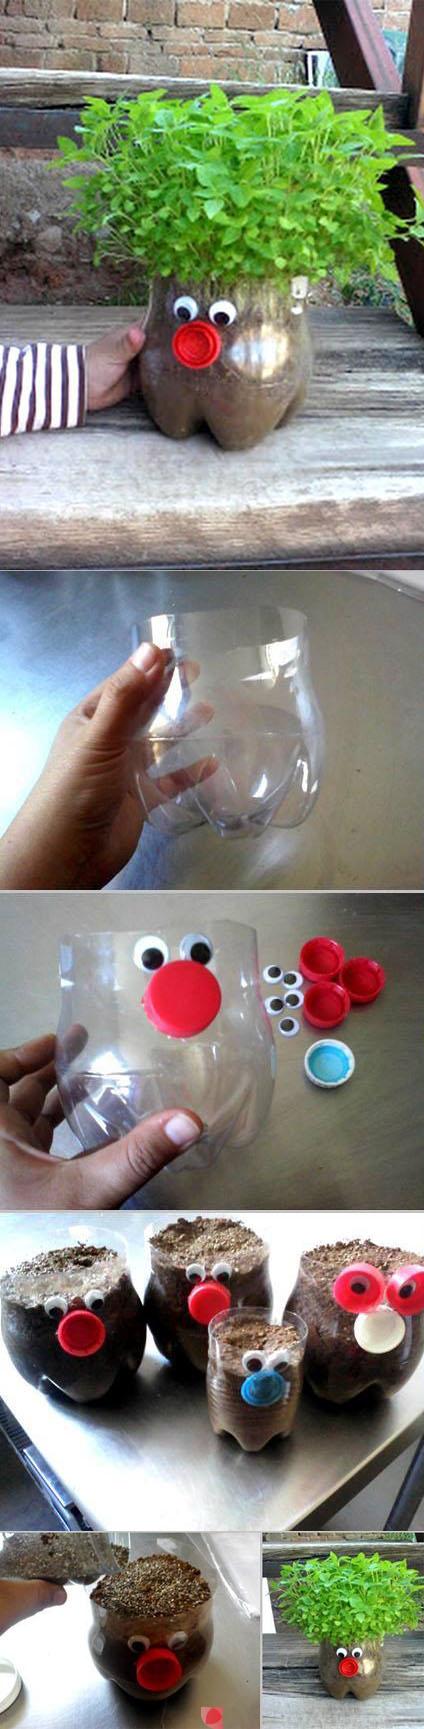 cultures cuisine dans bouteille en plastique.